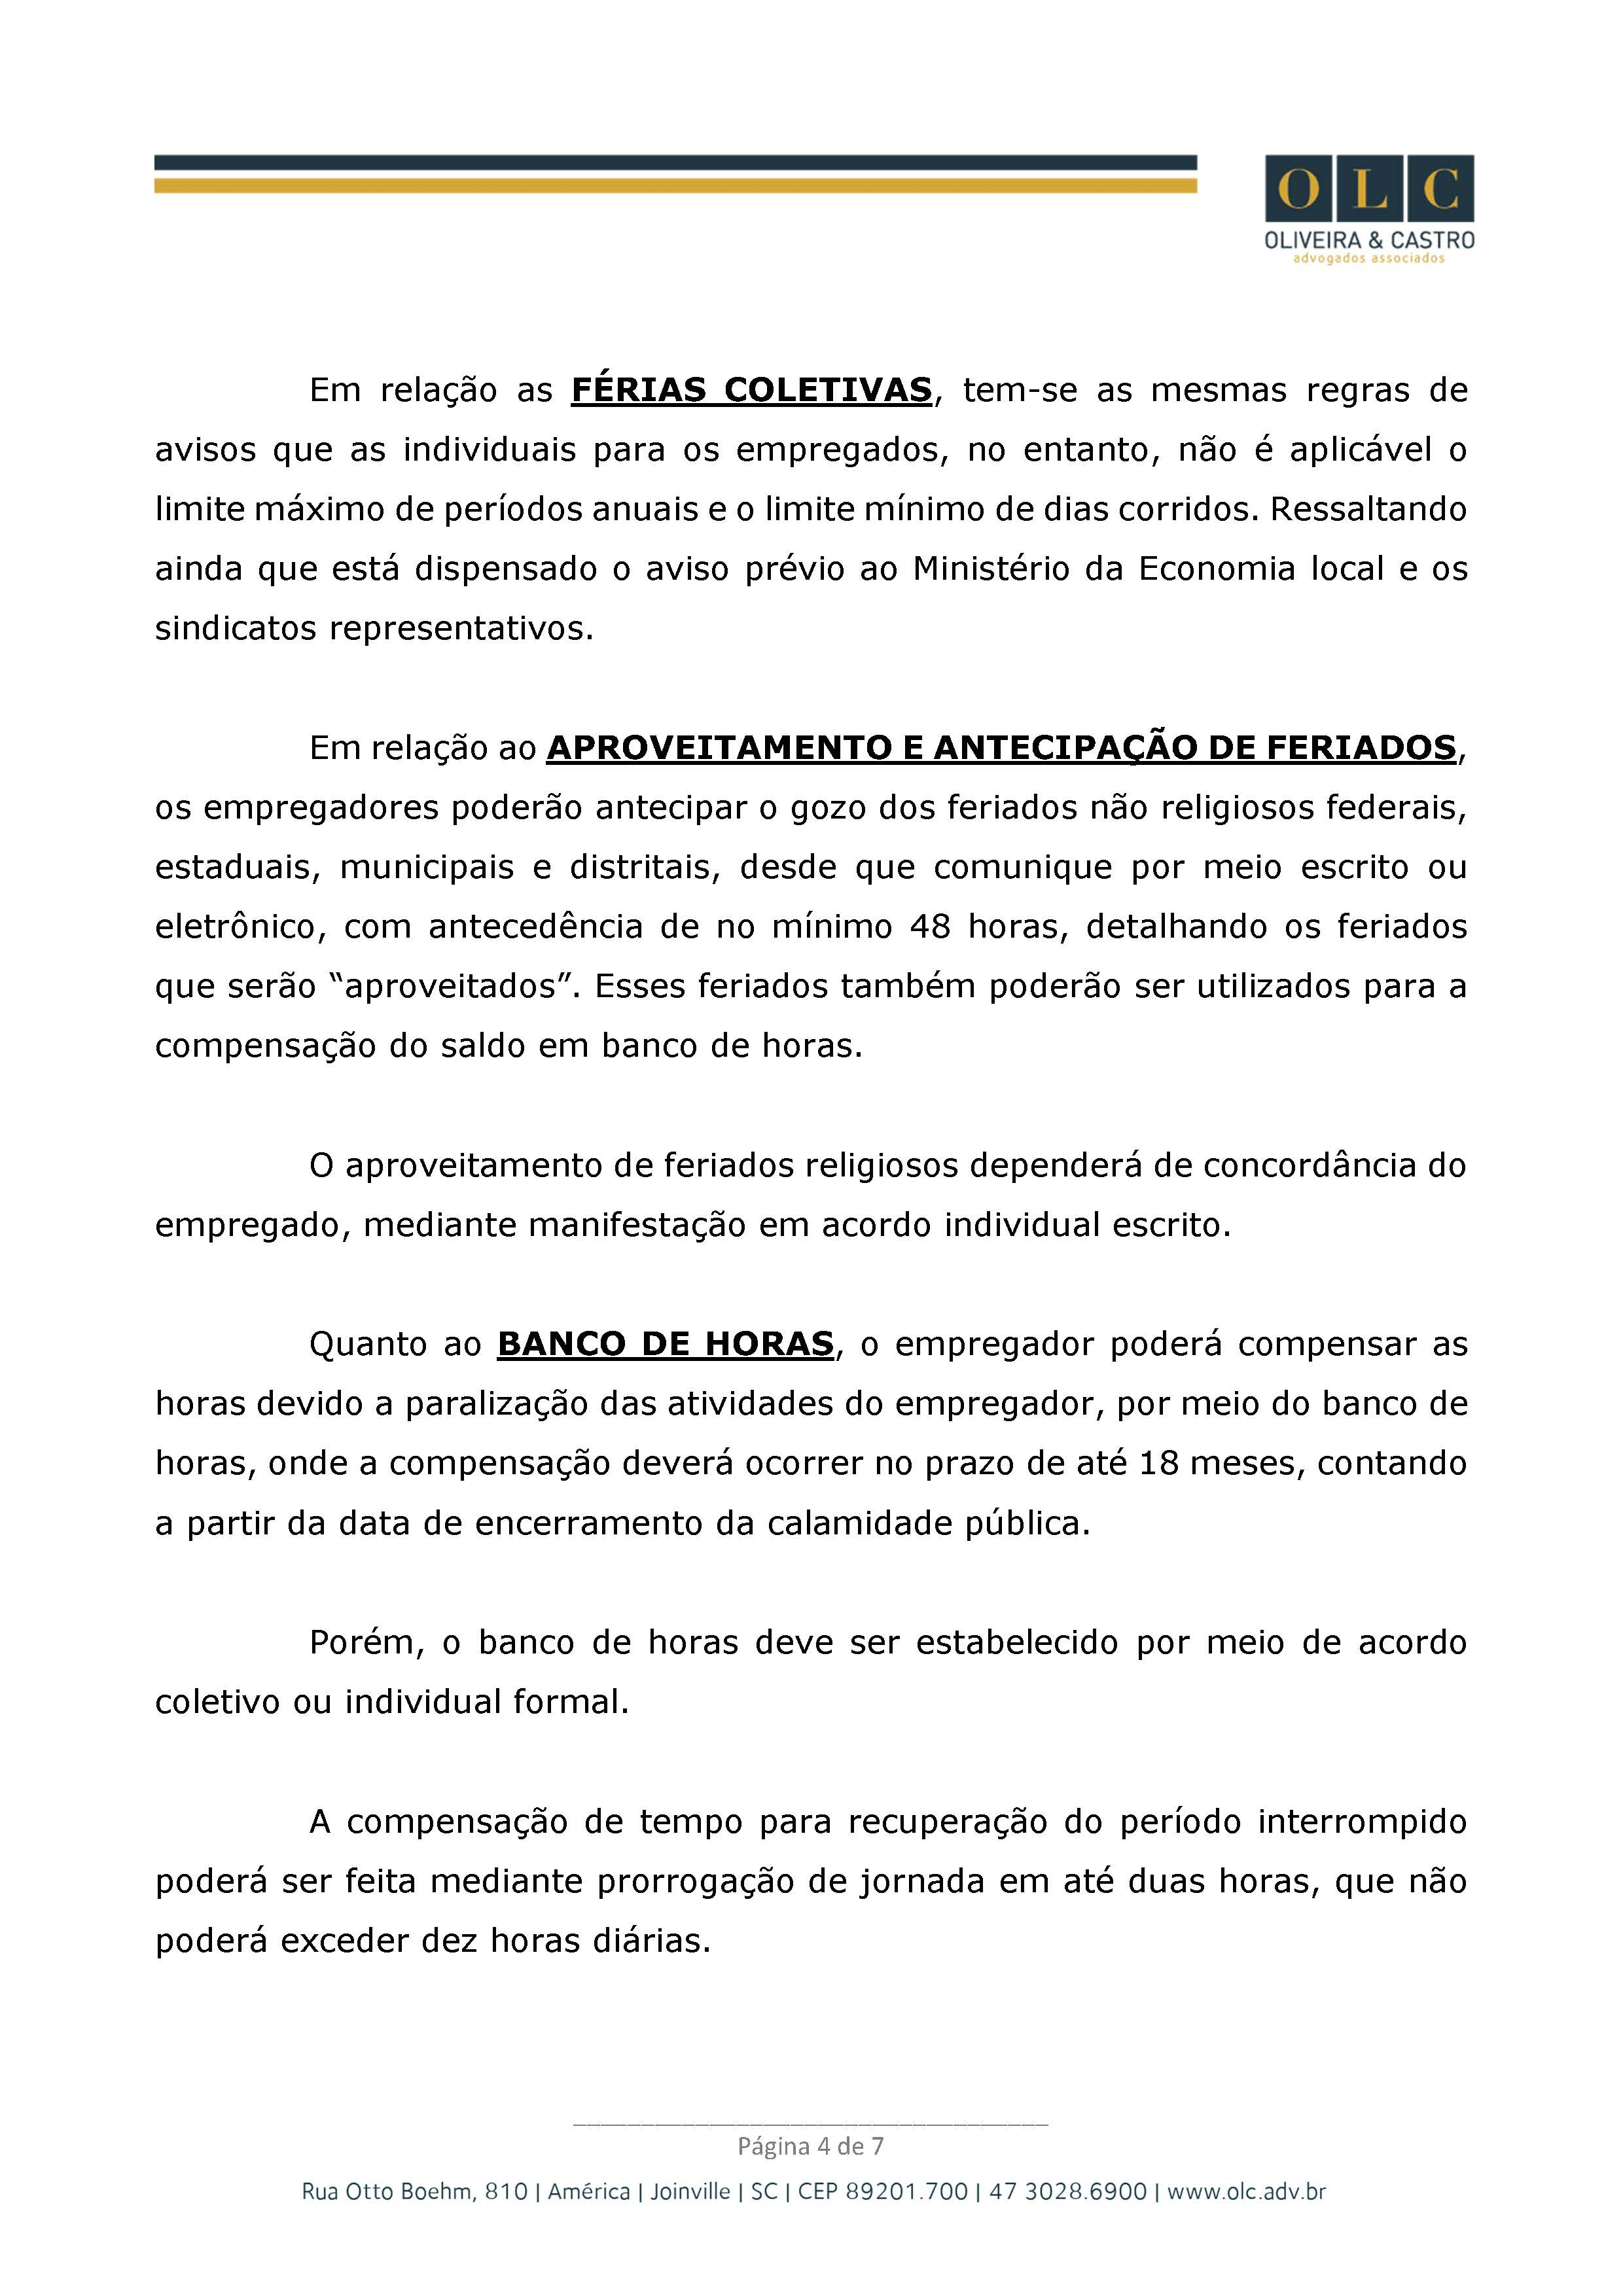 Carta Explicativa - Oliveira e Castro Advogados (1)_Página_4